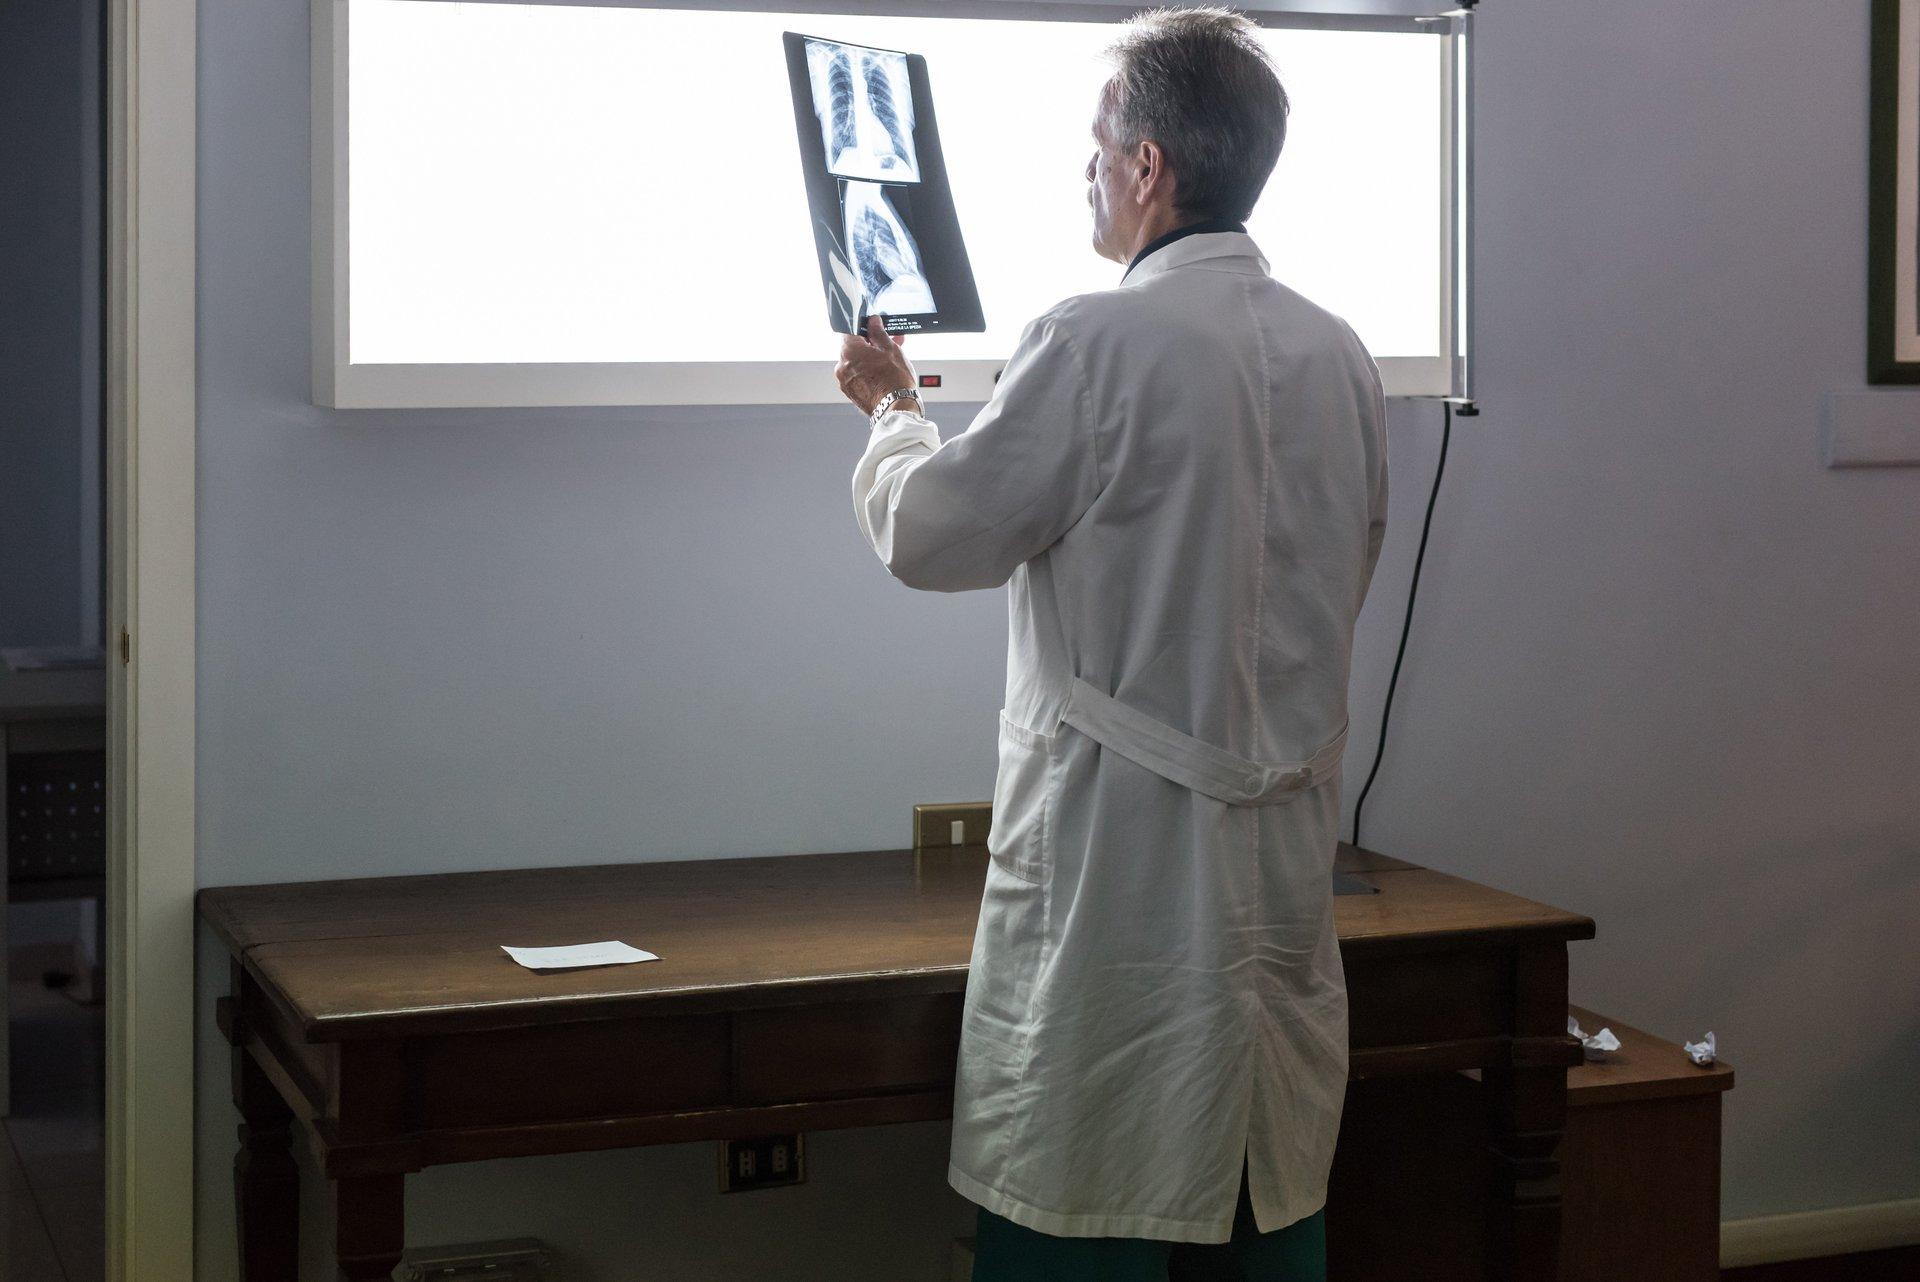 dott. pier paolo lello - specialista in radiologia